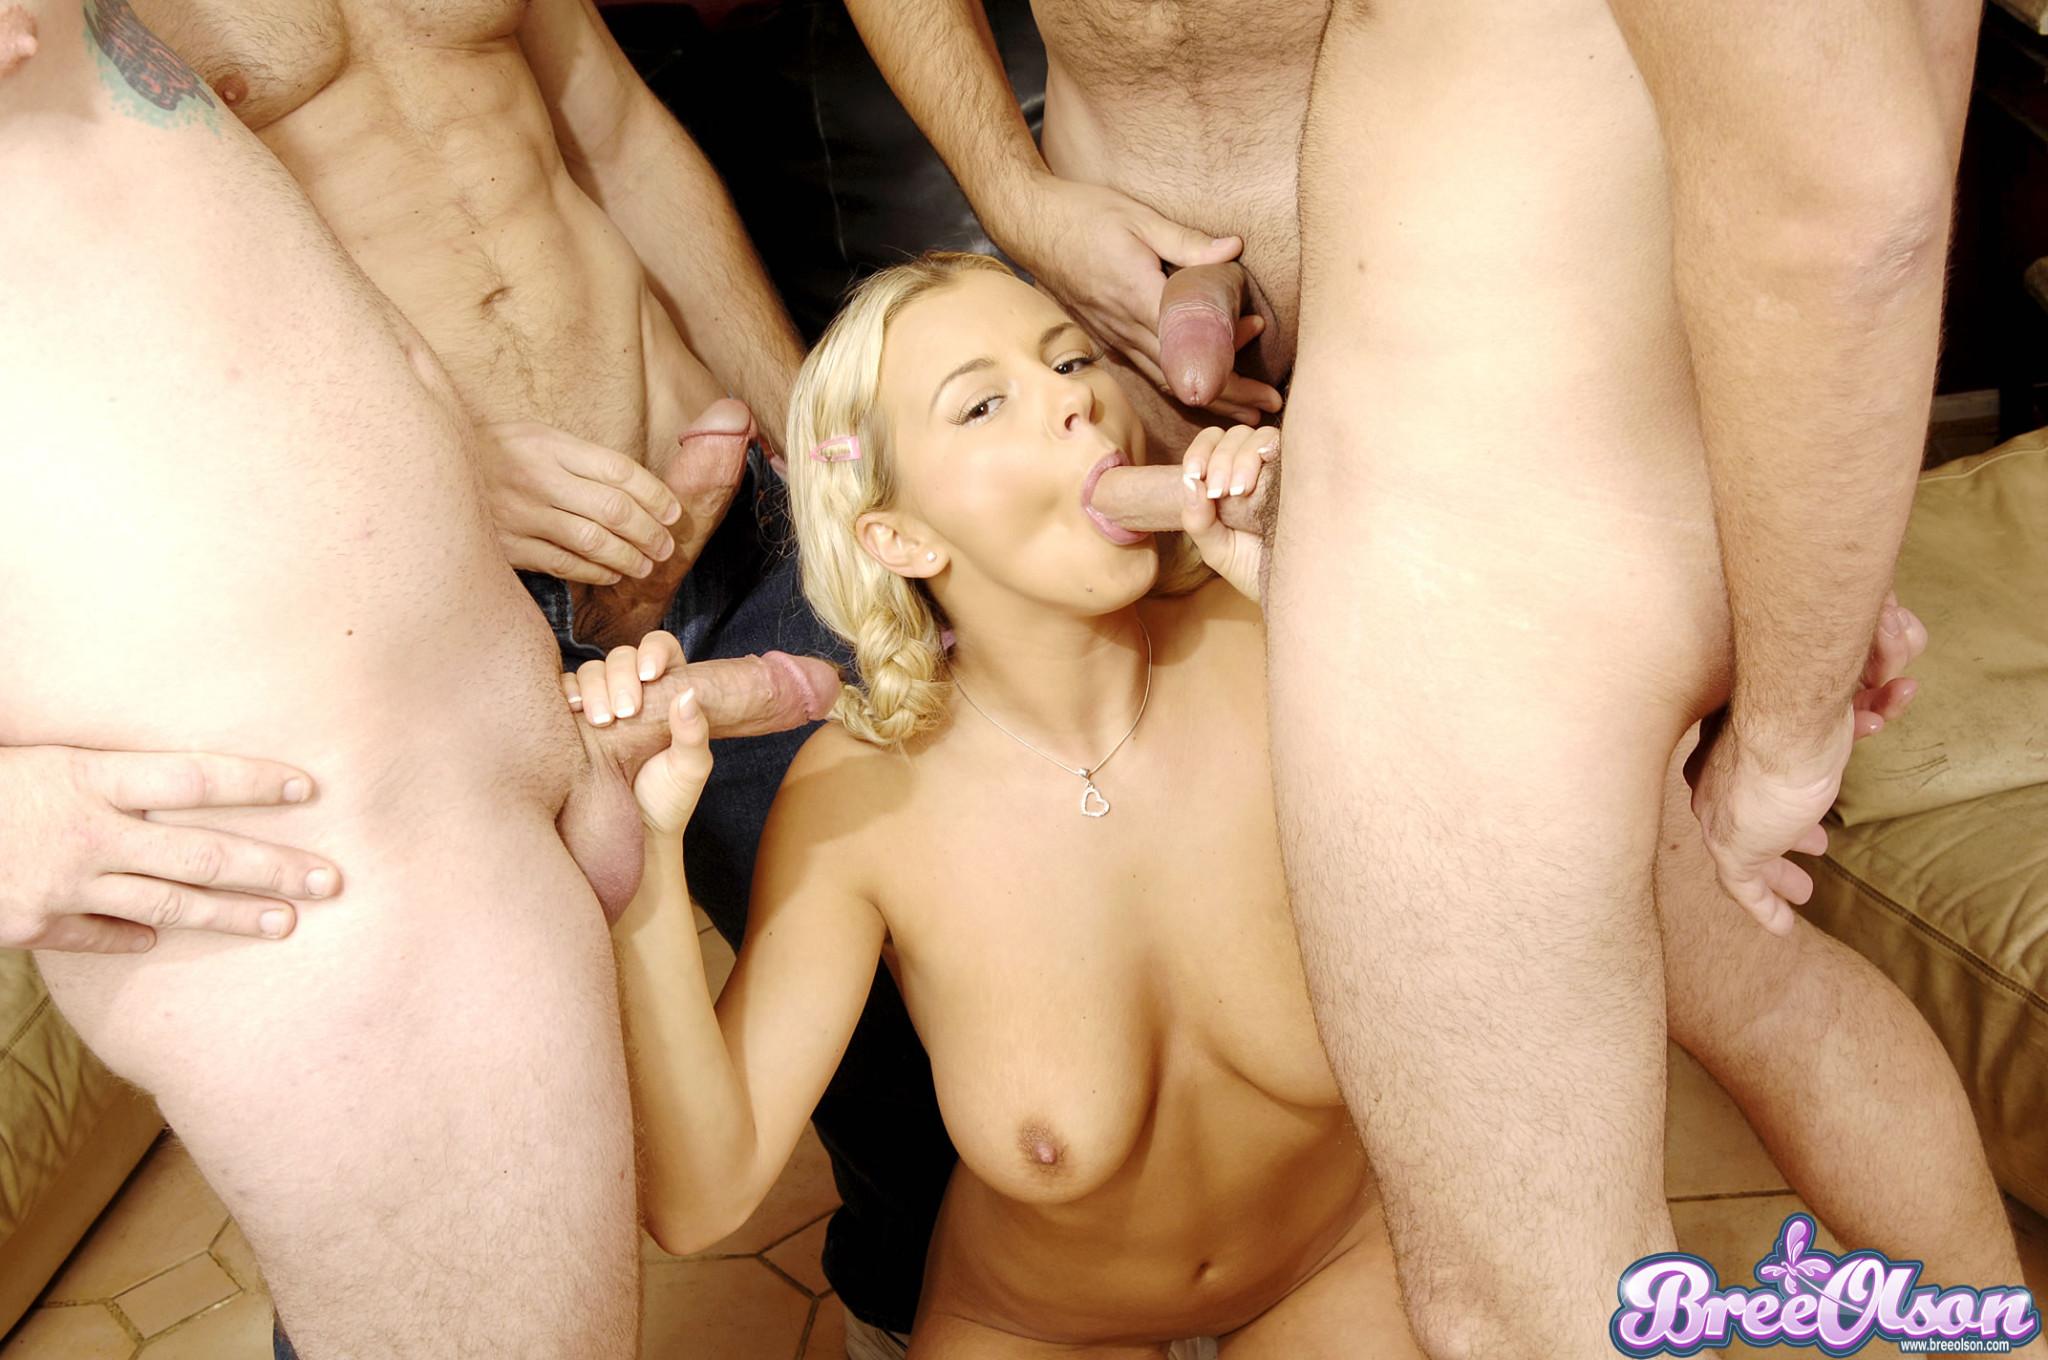 Трое выебали в рот блондинку с косичками